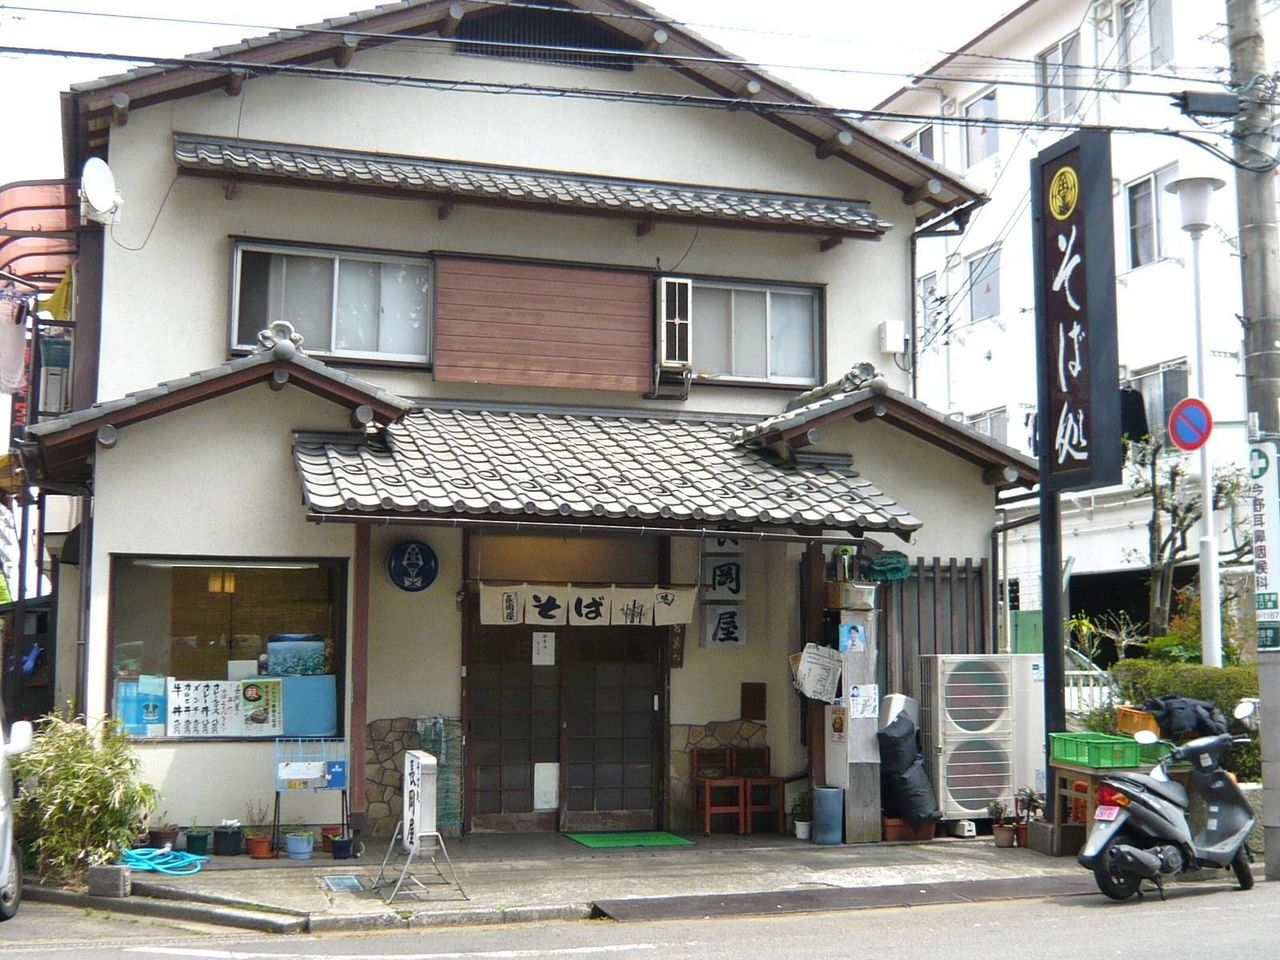 普通の蕎麦屋に見えますが、とんでもないデカ盛り店です!